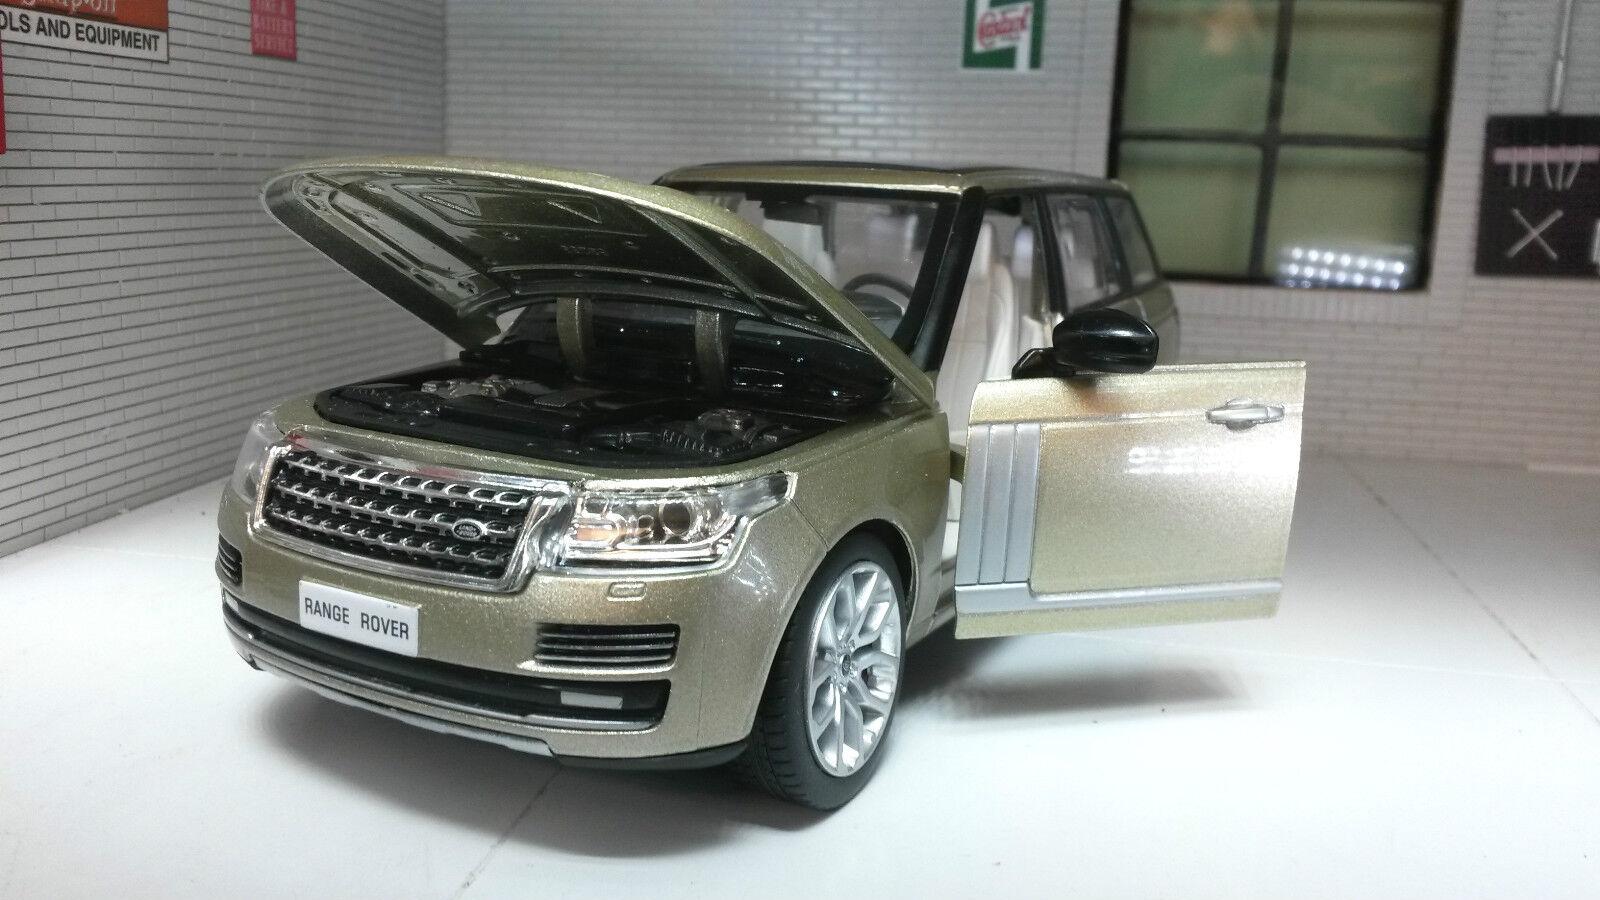 1 24 26 Range Rover L405 Td6 4.4 V8 HSE Champagner Gold MSZ Druckguss Modell